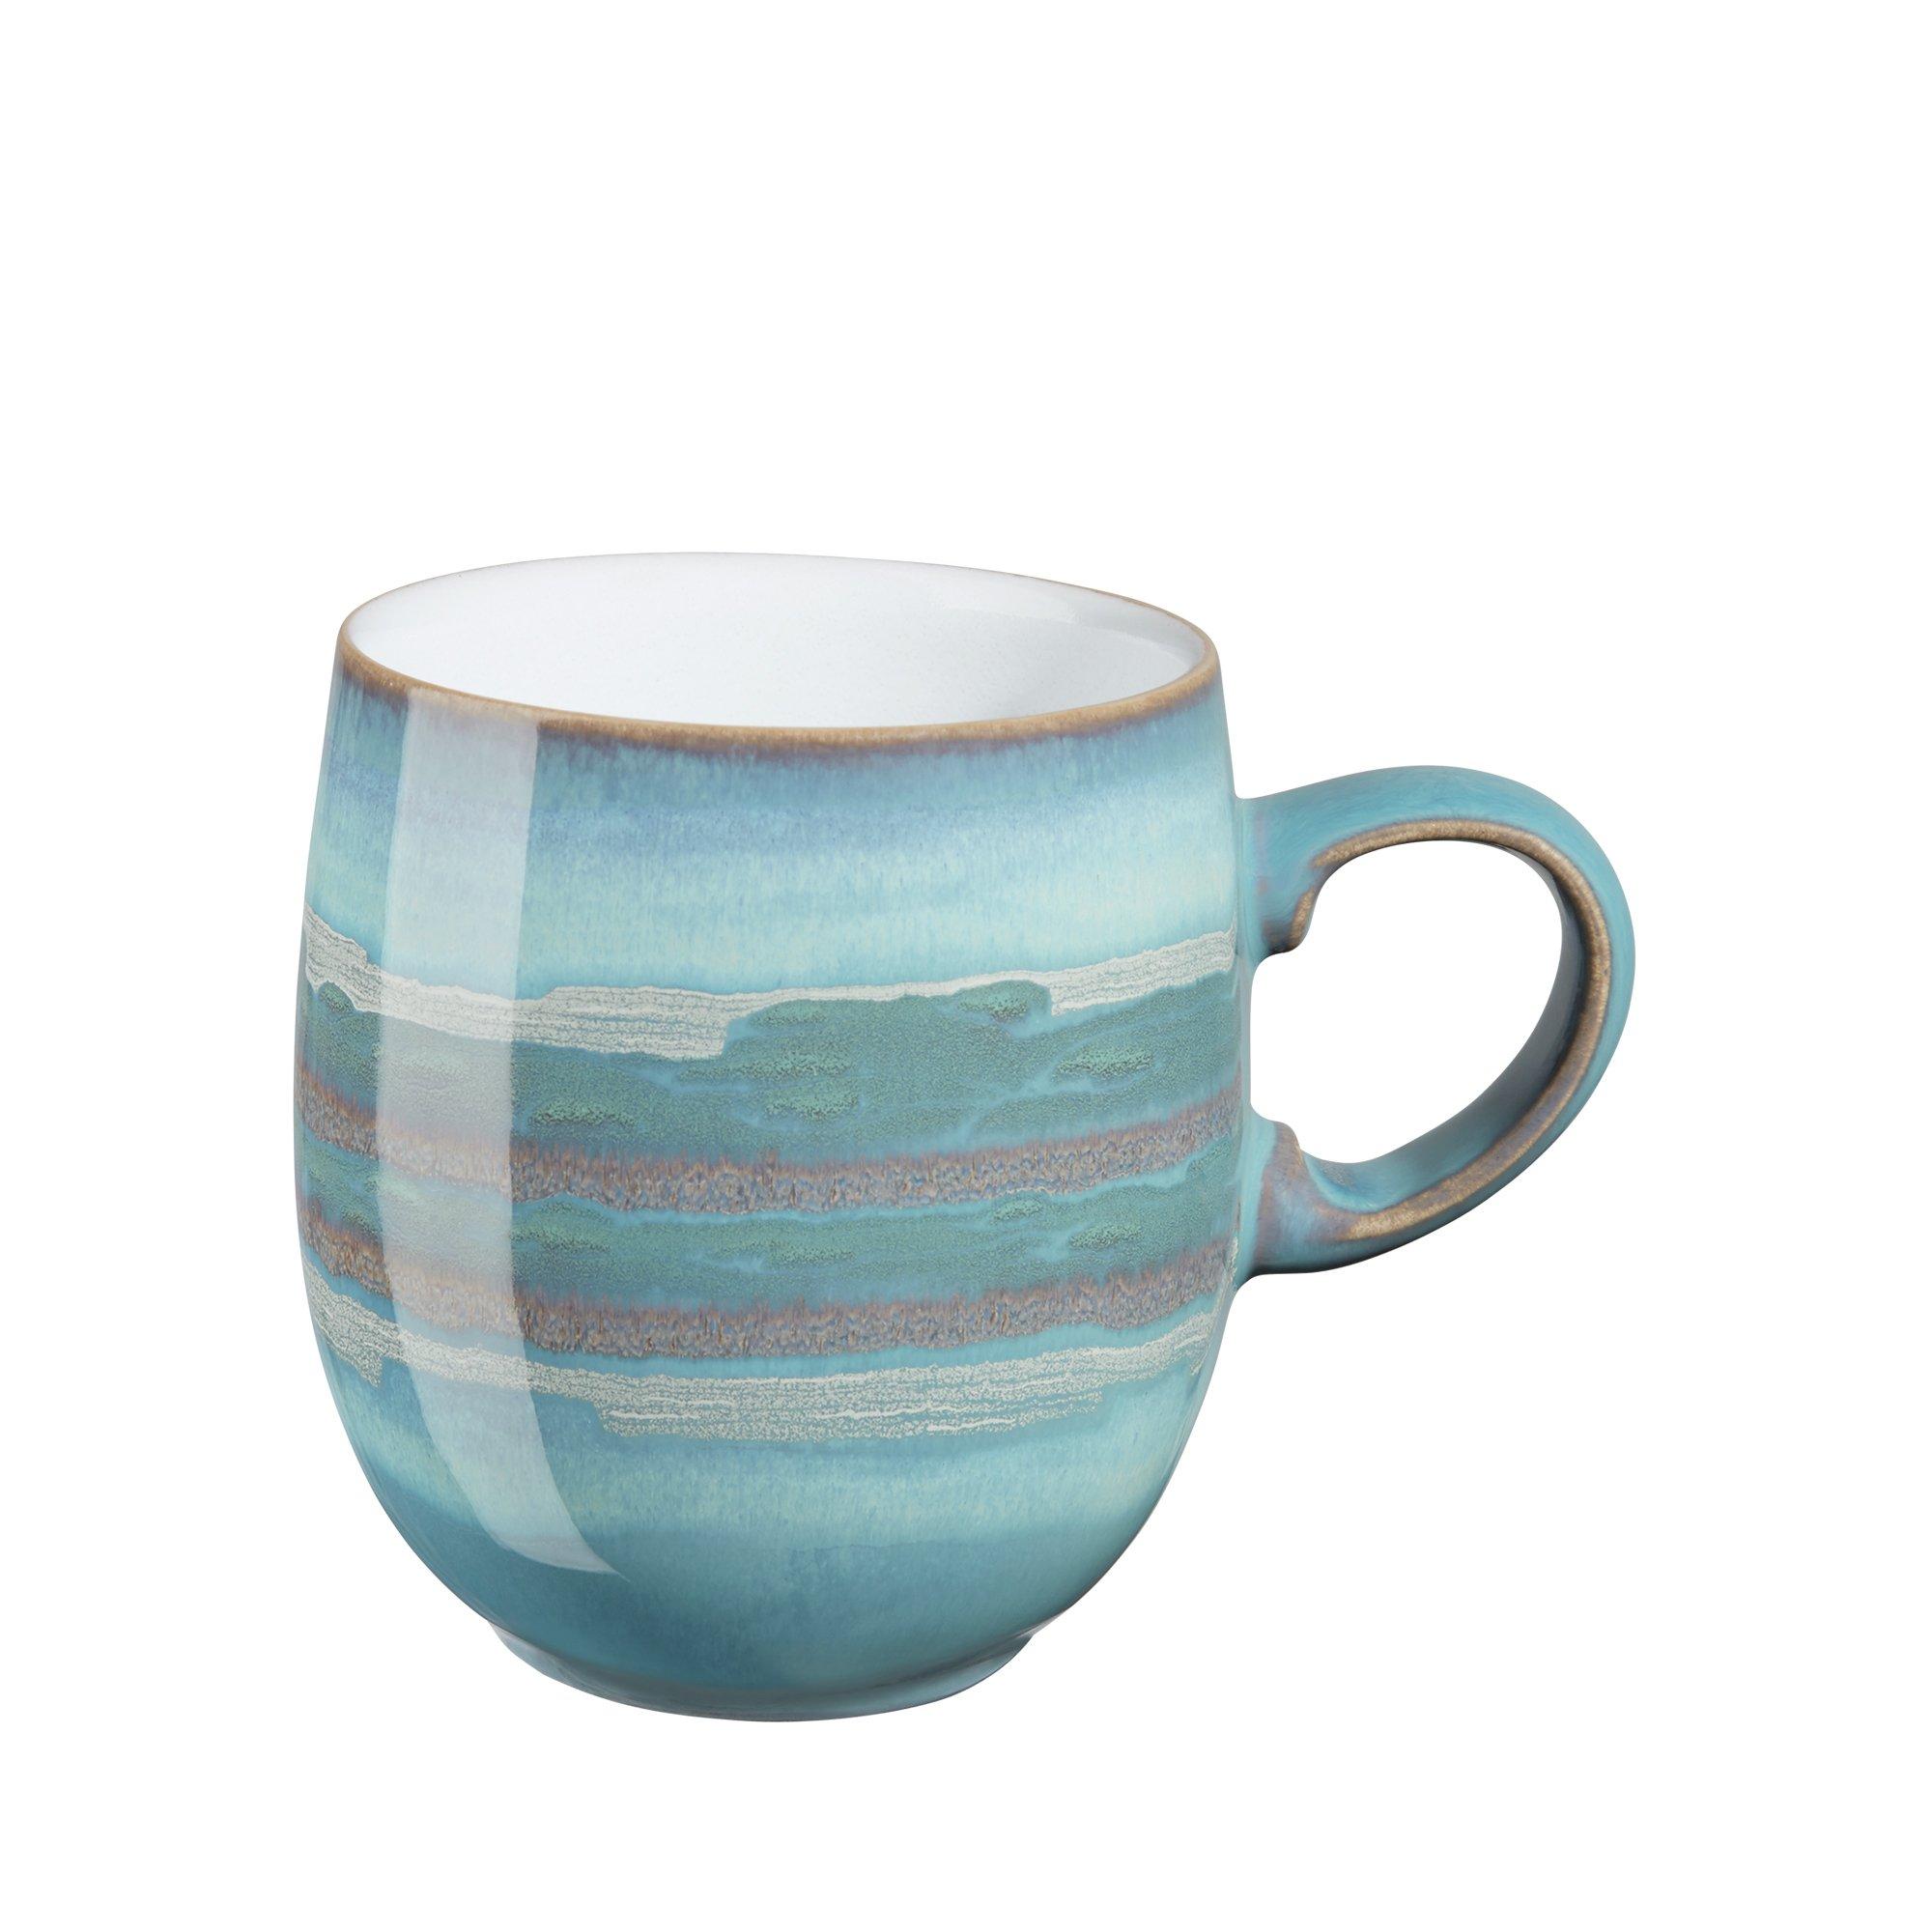 Denby Azure Coast Large Curve Mugs, Set of 4